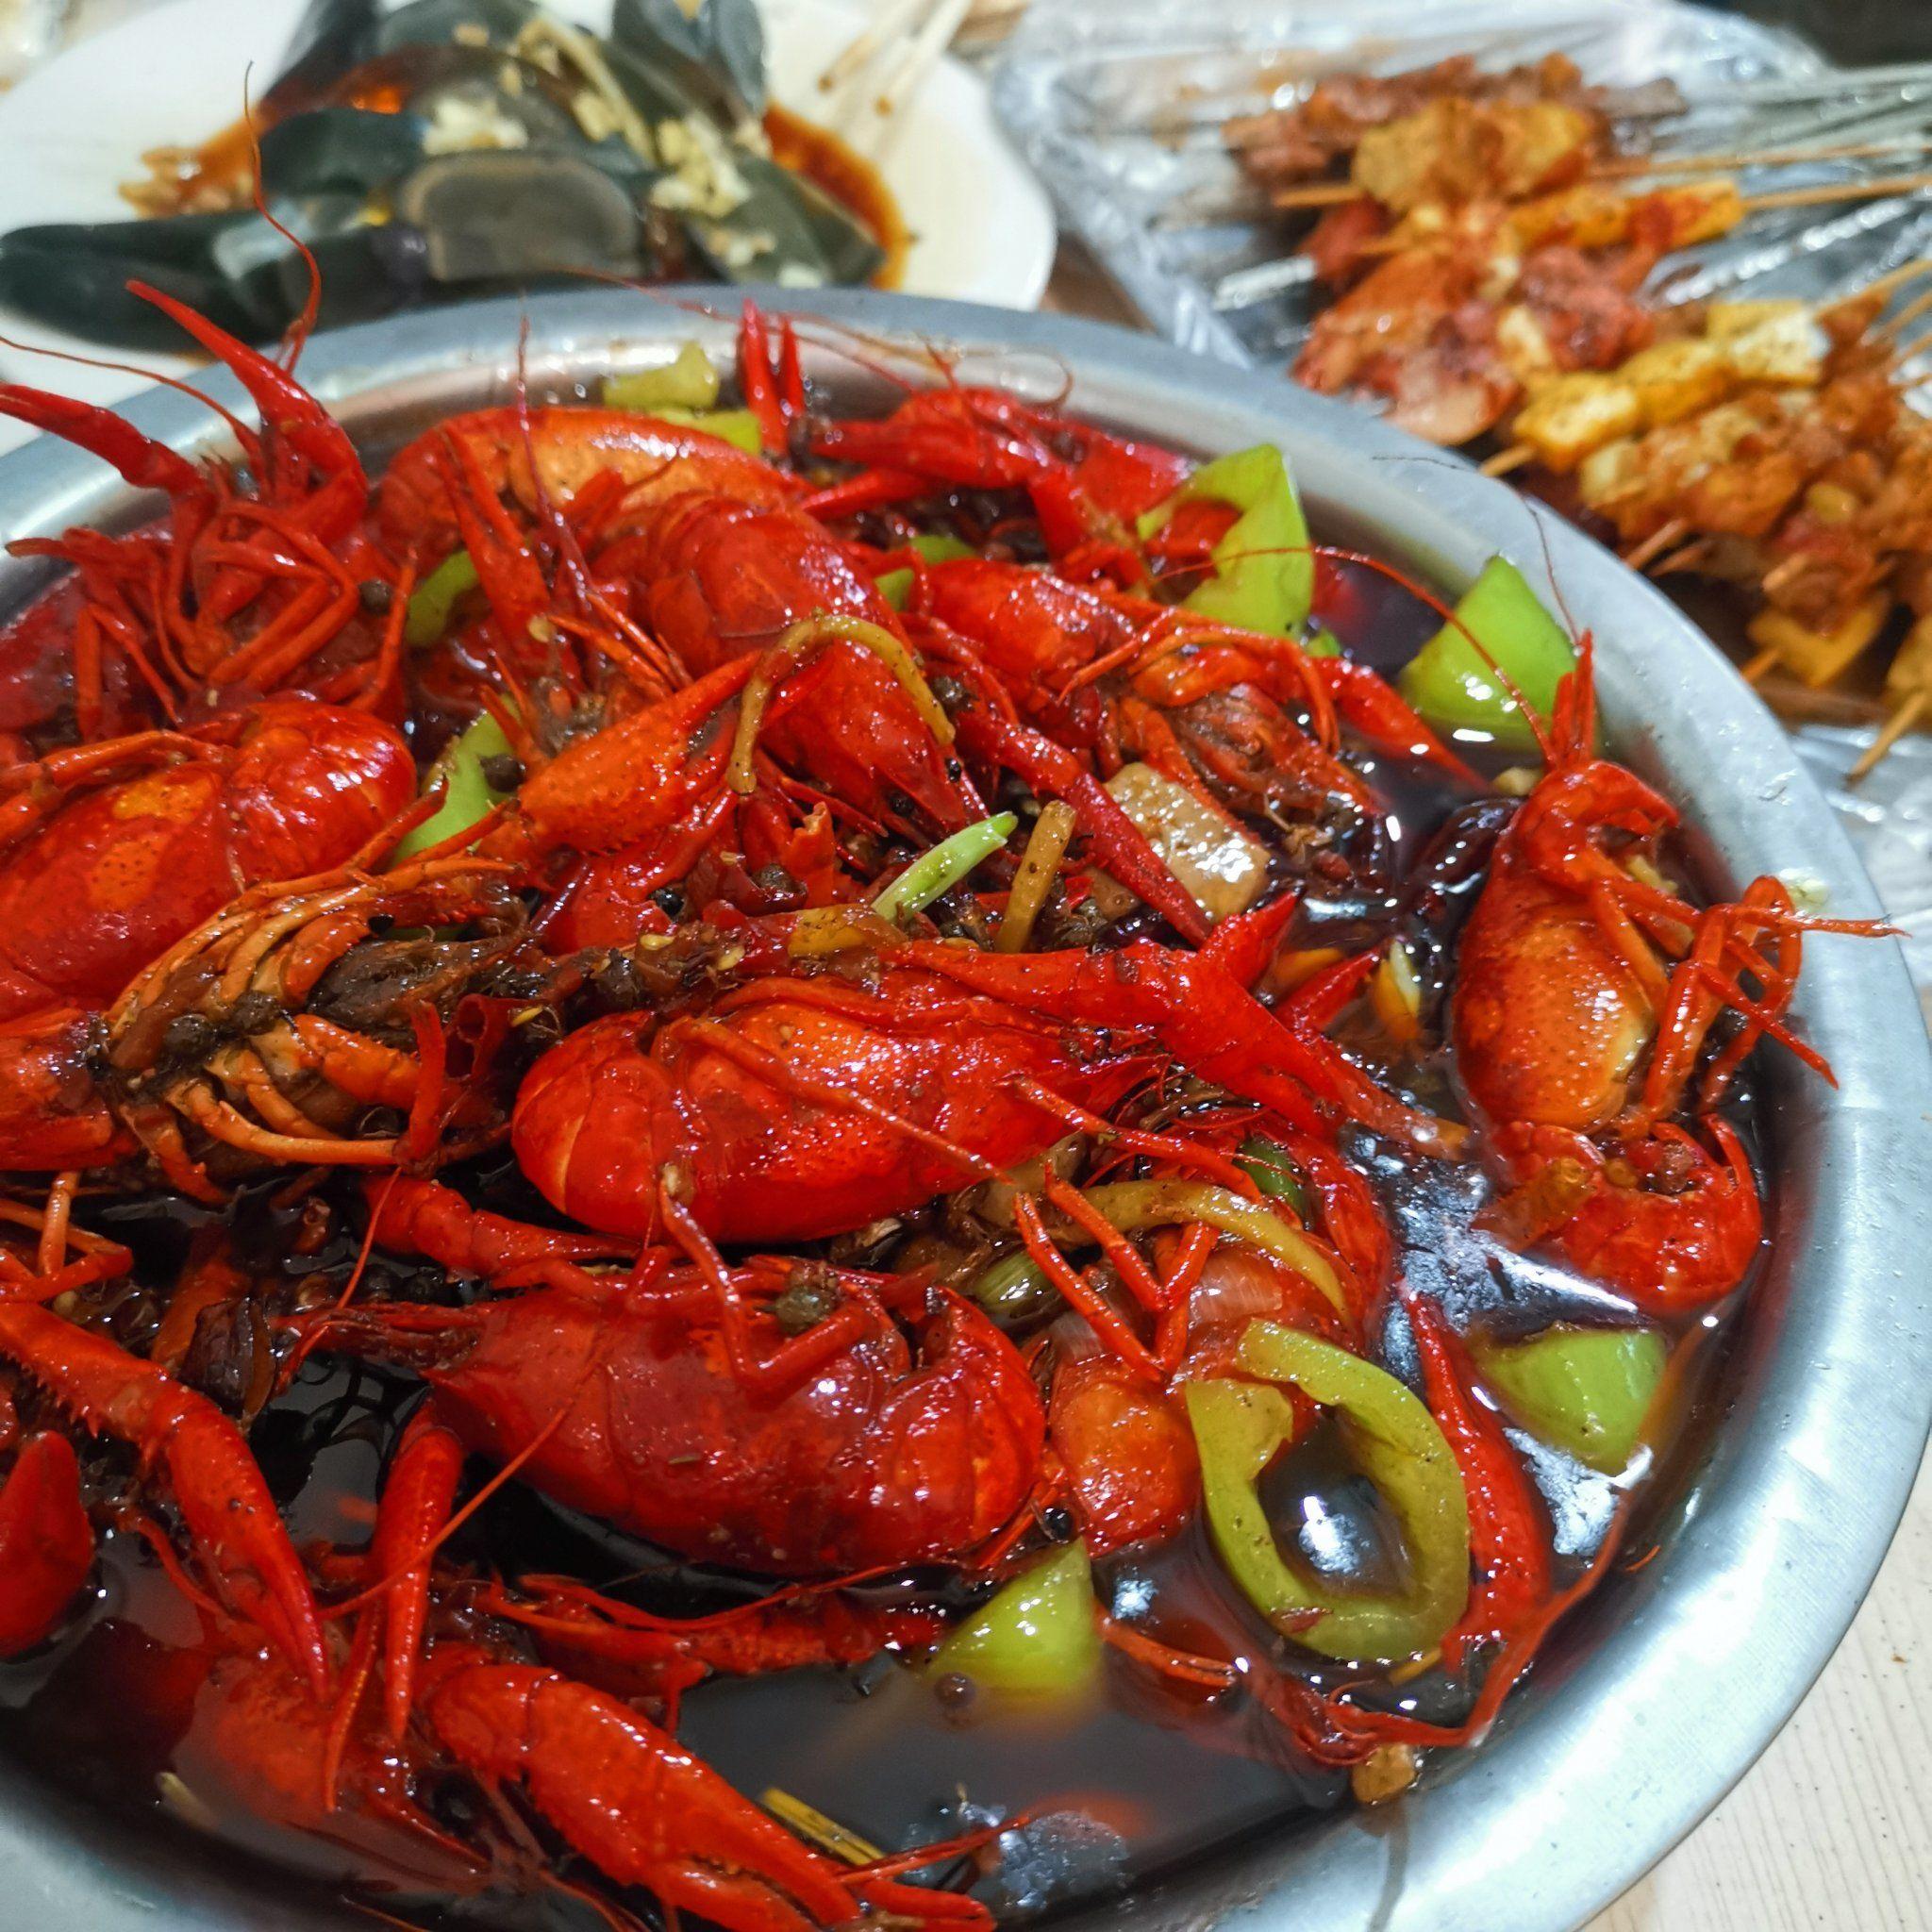 济南经四万达广场附近吃烧烤的餐馆